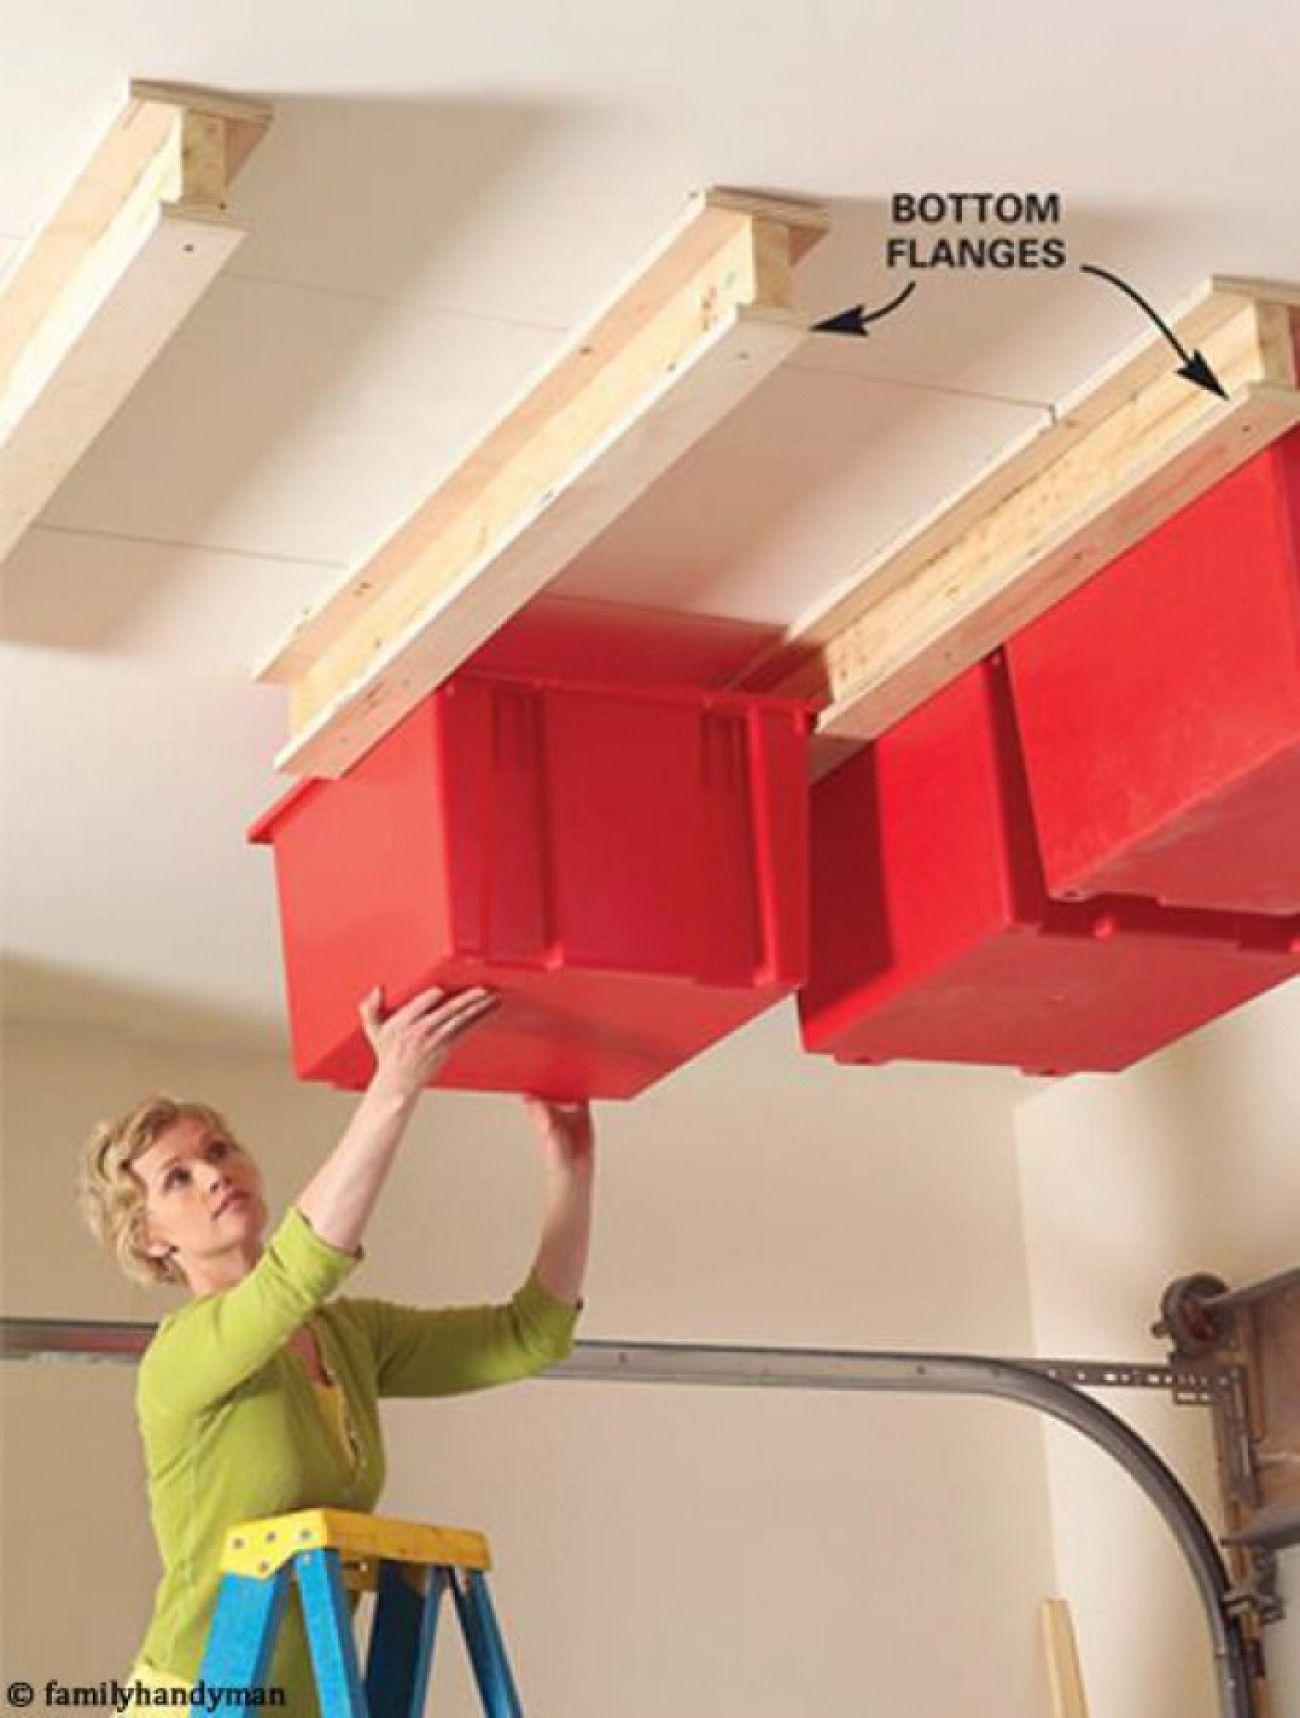 Super Idee für eine Kammer, Dachboden oder den Schuppen zum Platz sparen #ideisuper